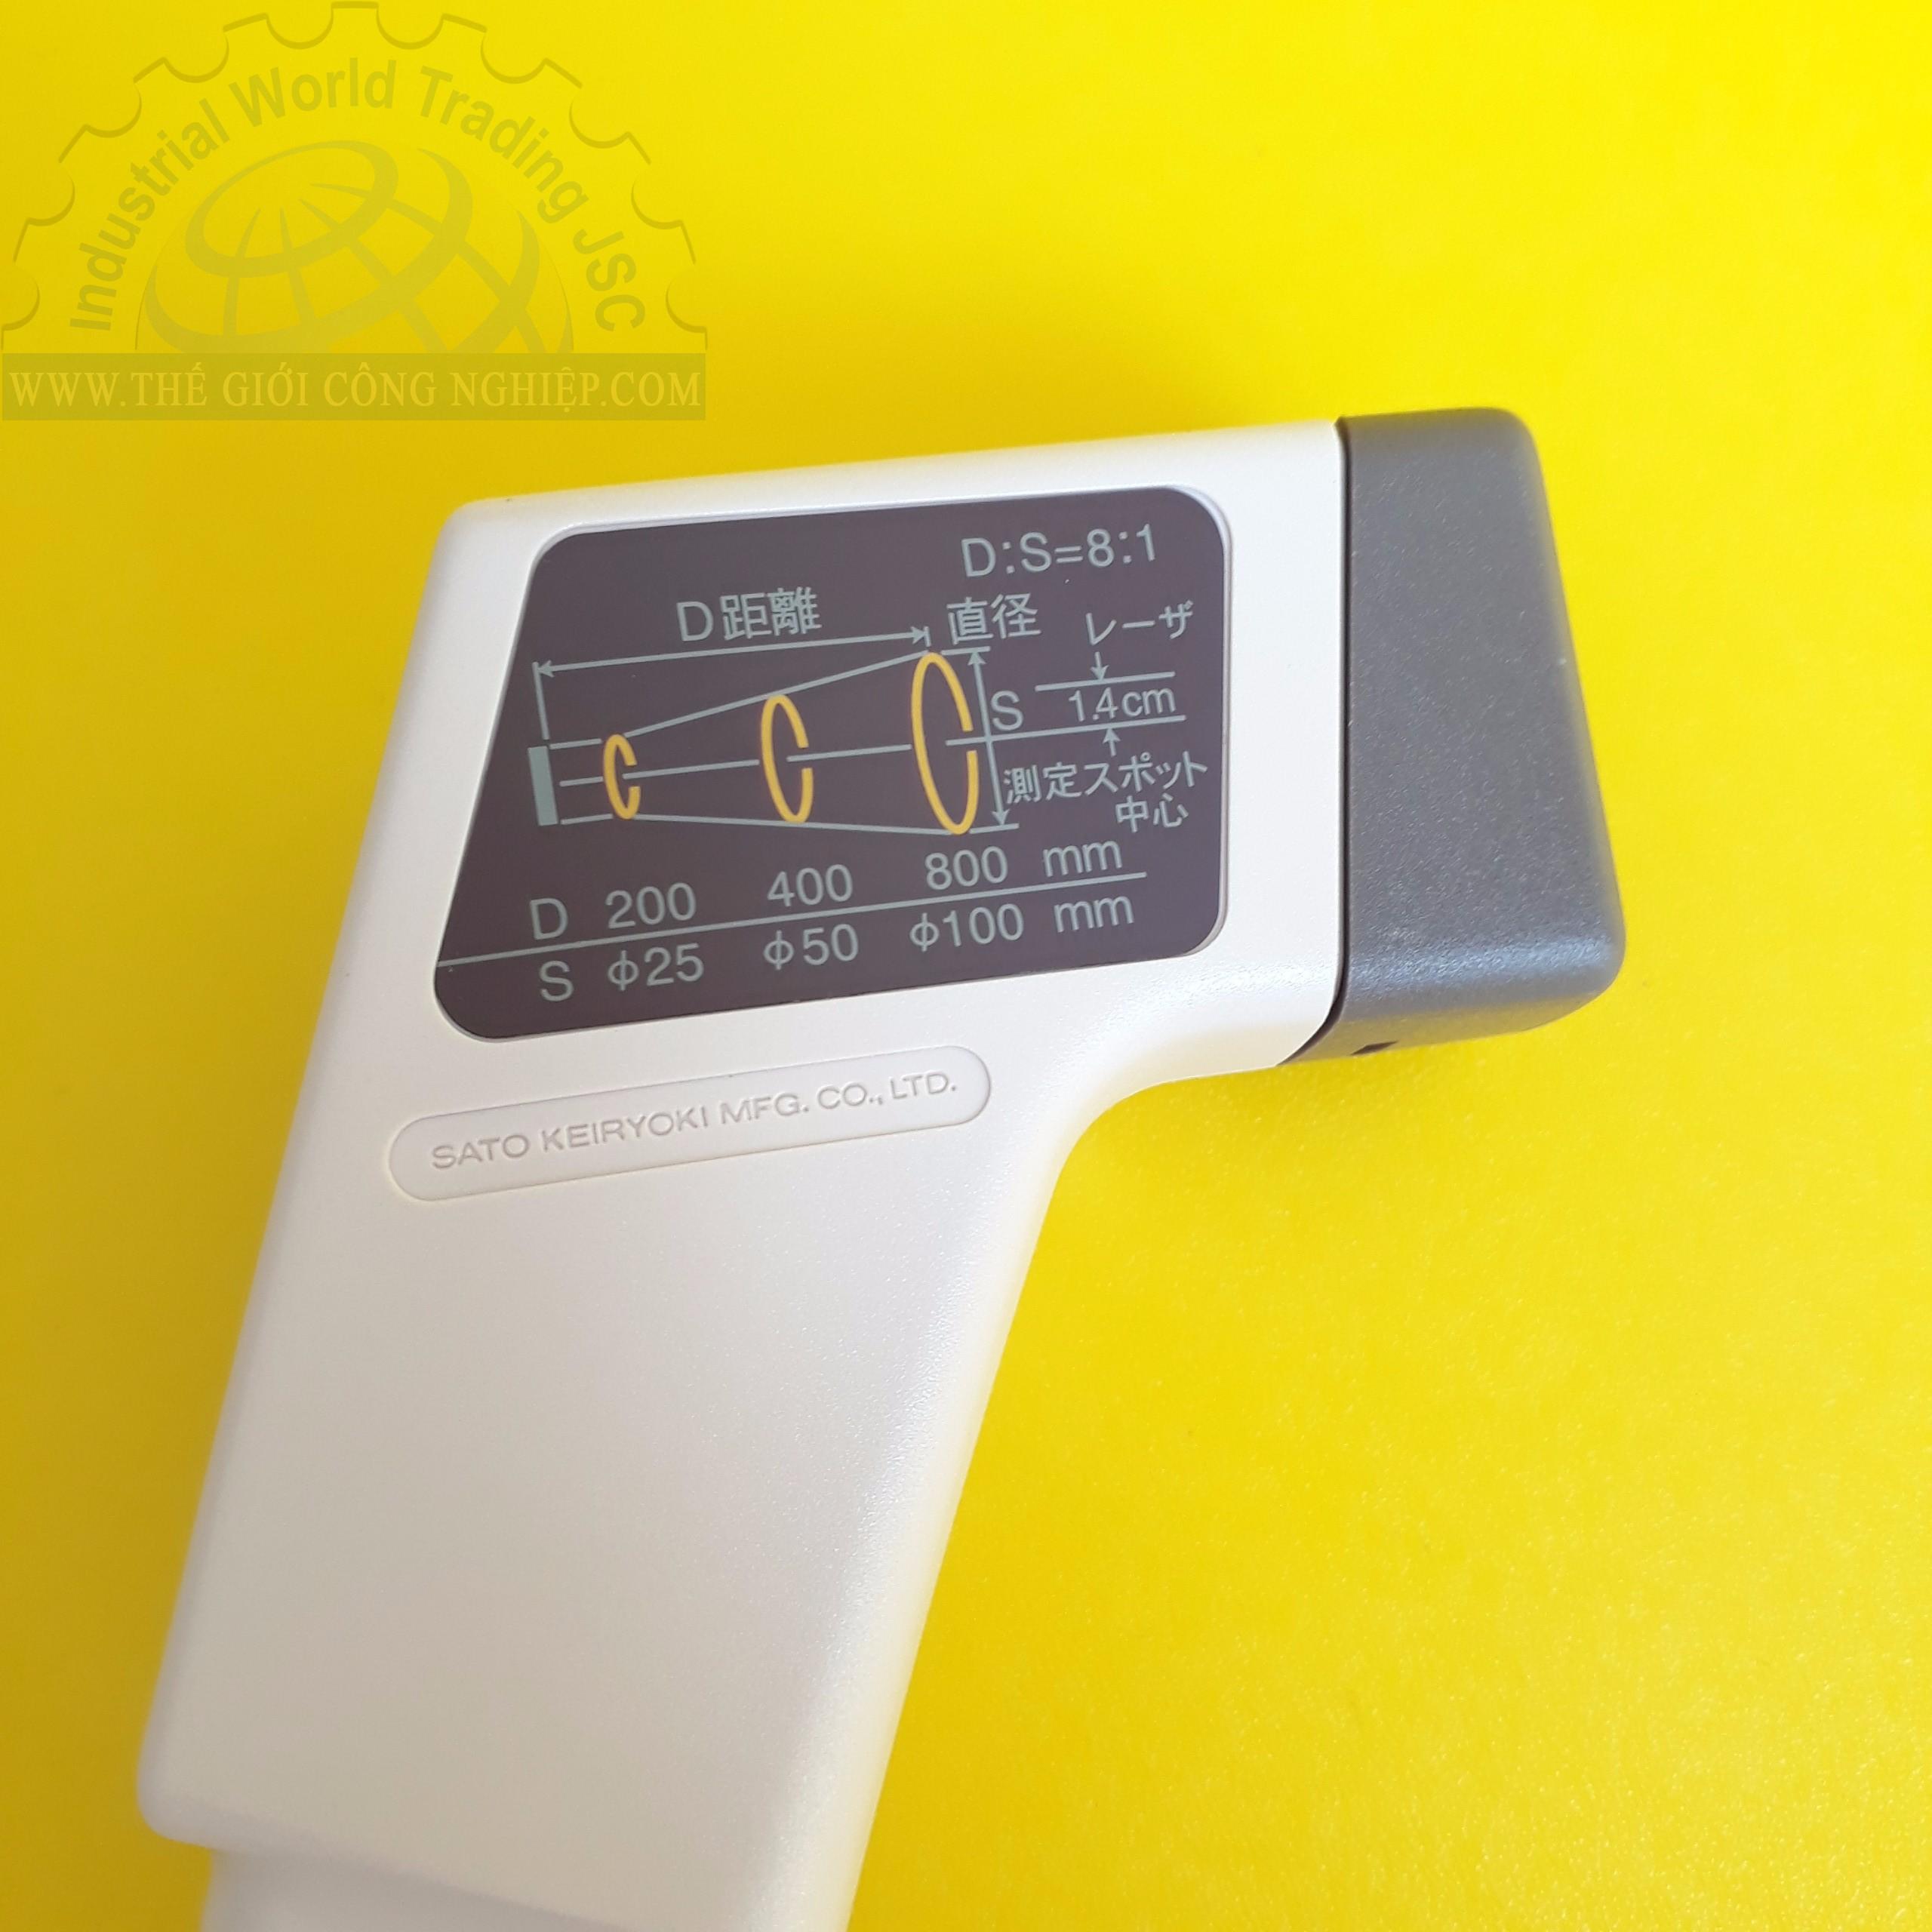 Thiết bị đo nhiệt độ bằng tia hồng ngoại -20°C đến 315°C thermometer -20°C to 315°C SK-8700II SK8700II SATO